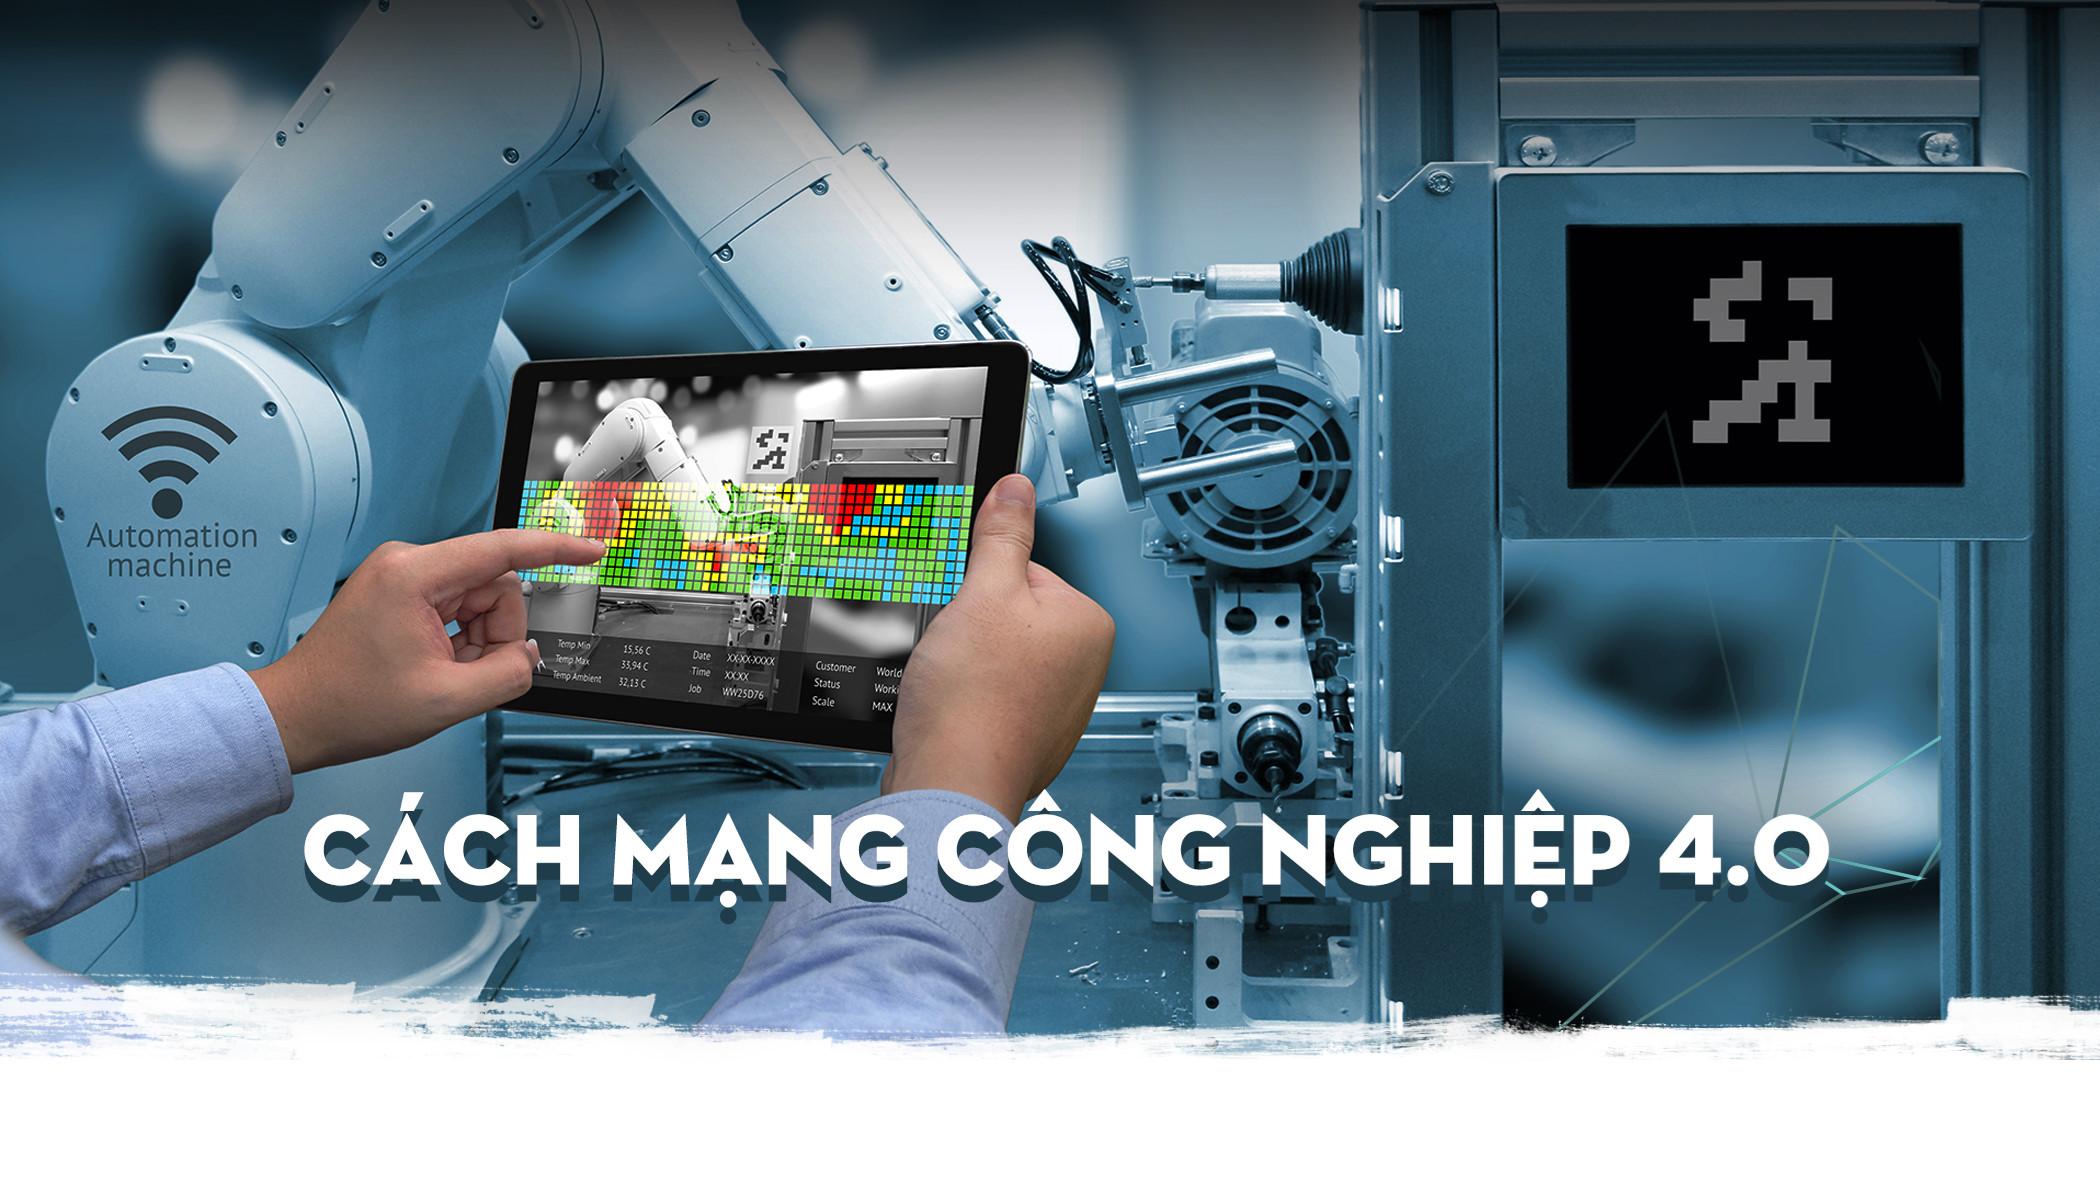 Giải pháp cho doanh nghiệp Việt Nam trong cuộc Cách mạng Công nghiệp 4.0